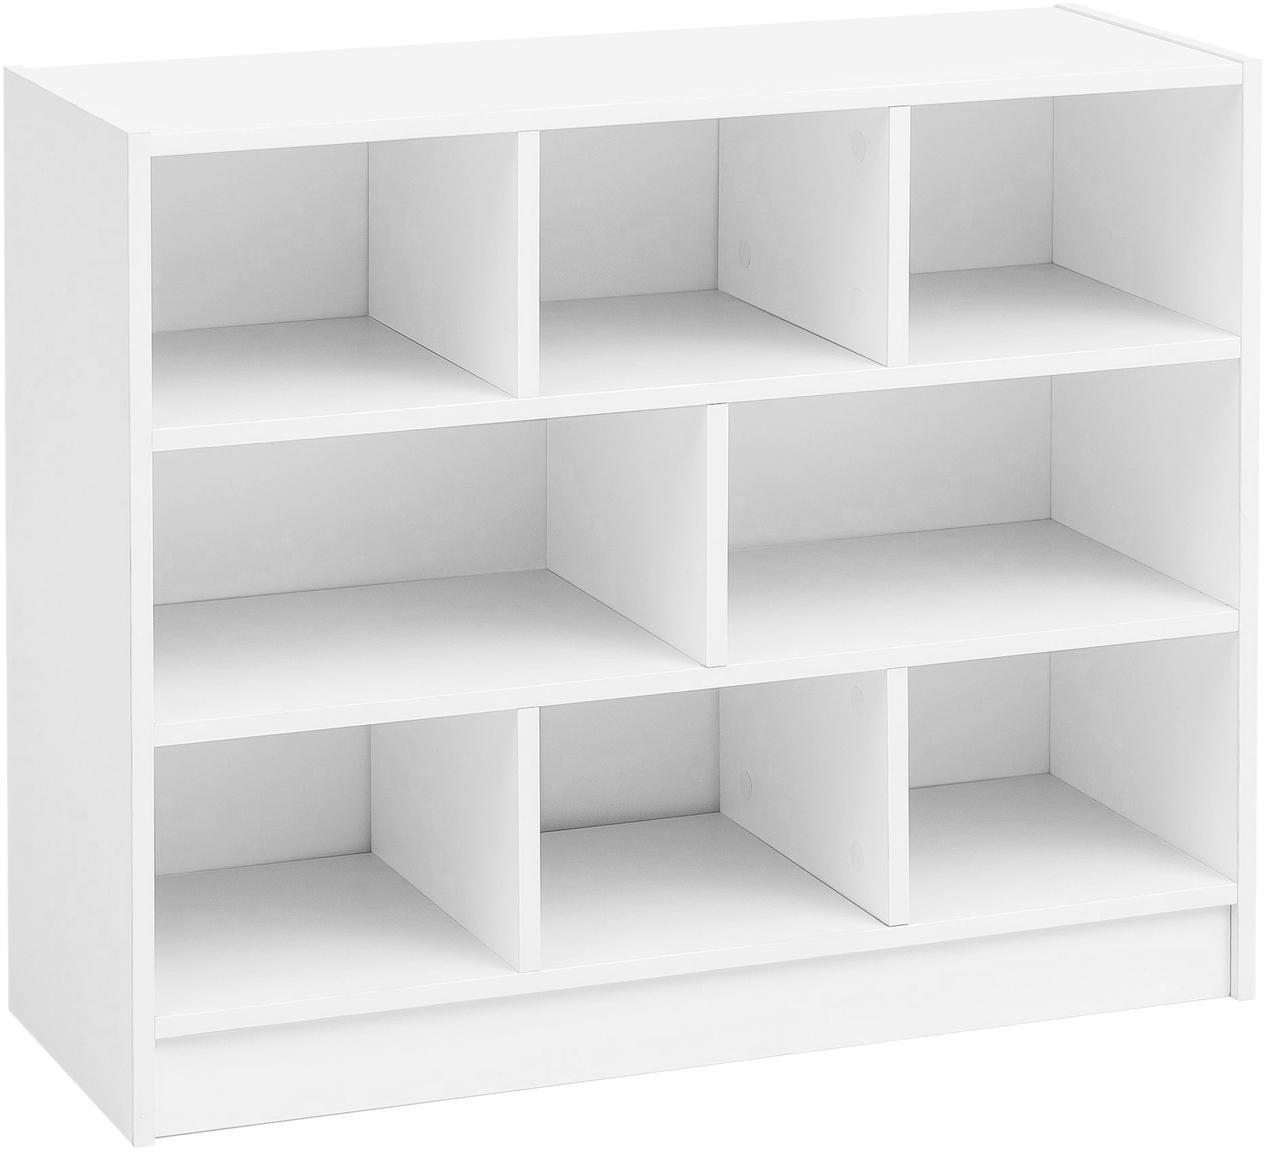 Estantería Milo, Estante: aglomerado recubierto de , Blanco, An 80 x Al 69 cm